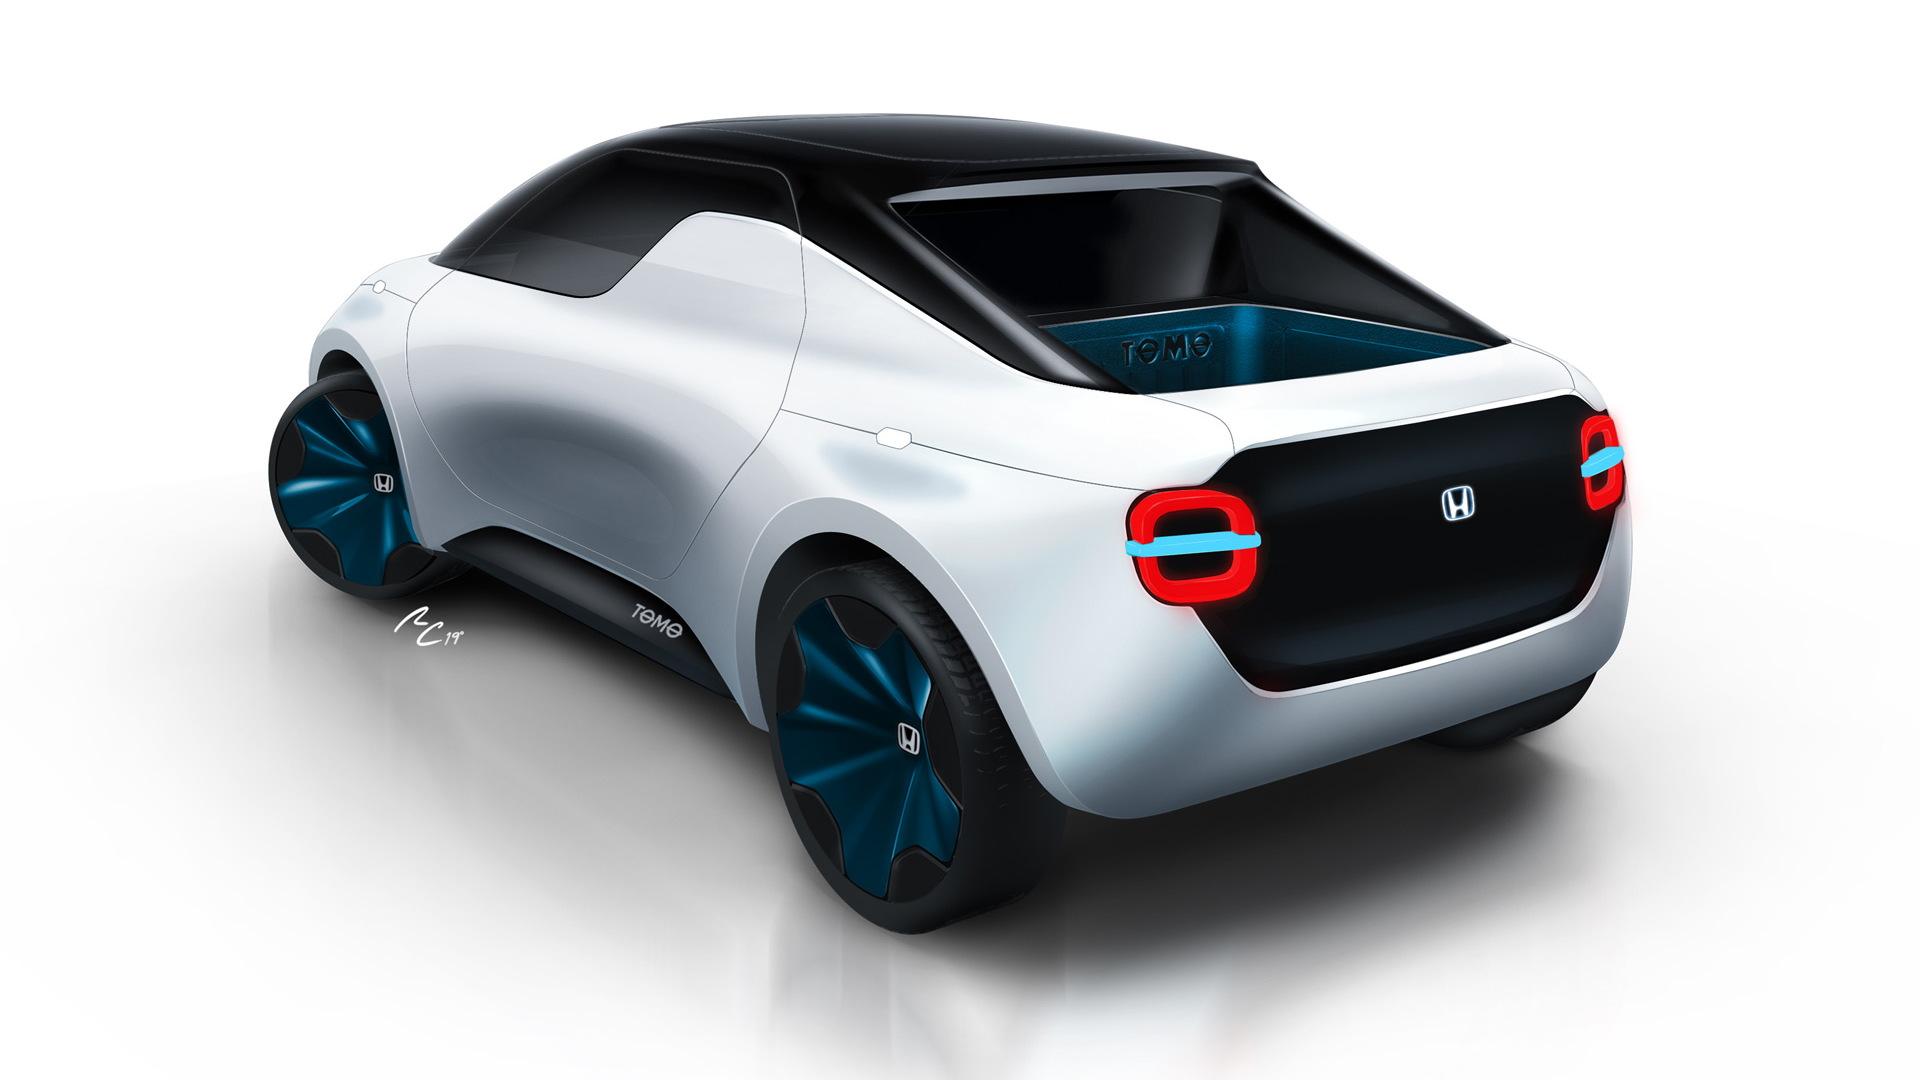 Teaser for Honda Tomo concept debuting at 2019 Geneva auto show